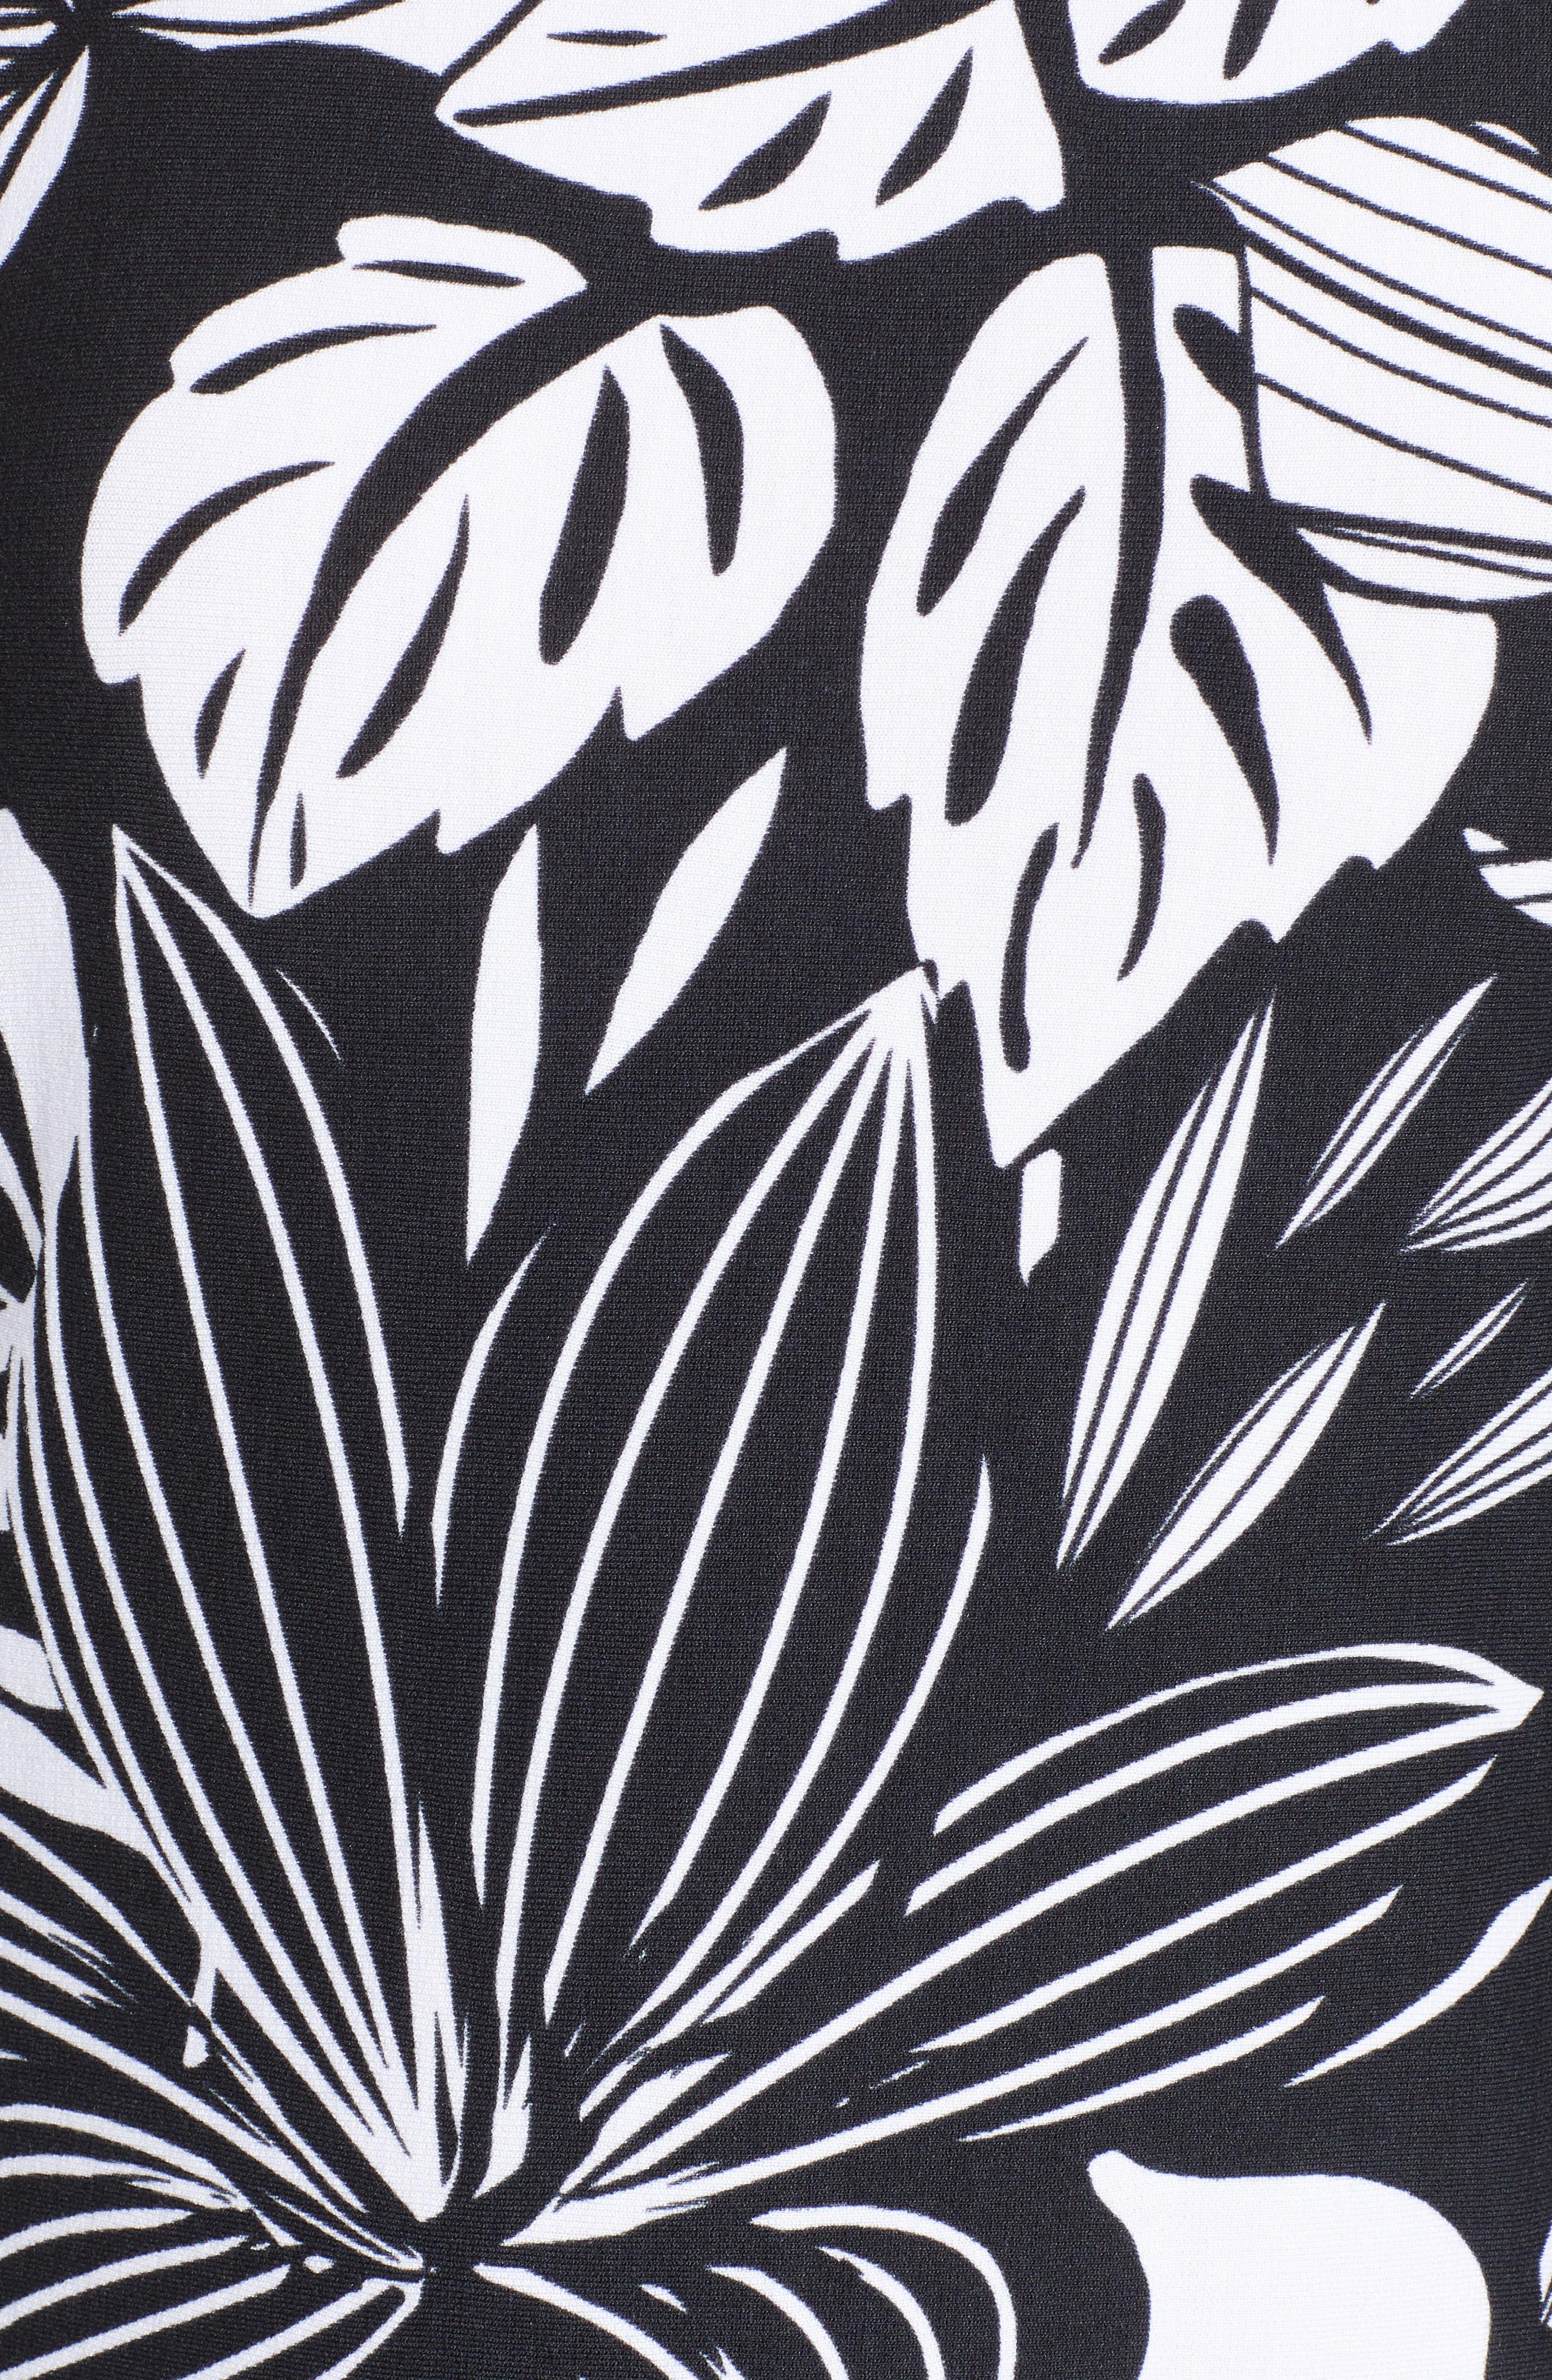 TOMMY BAHAMA,                             Mahana Beach Sheath Dress,                             Alternate thumbnail 6, color,                             BLACK